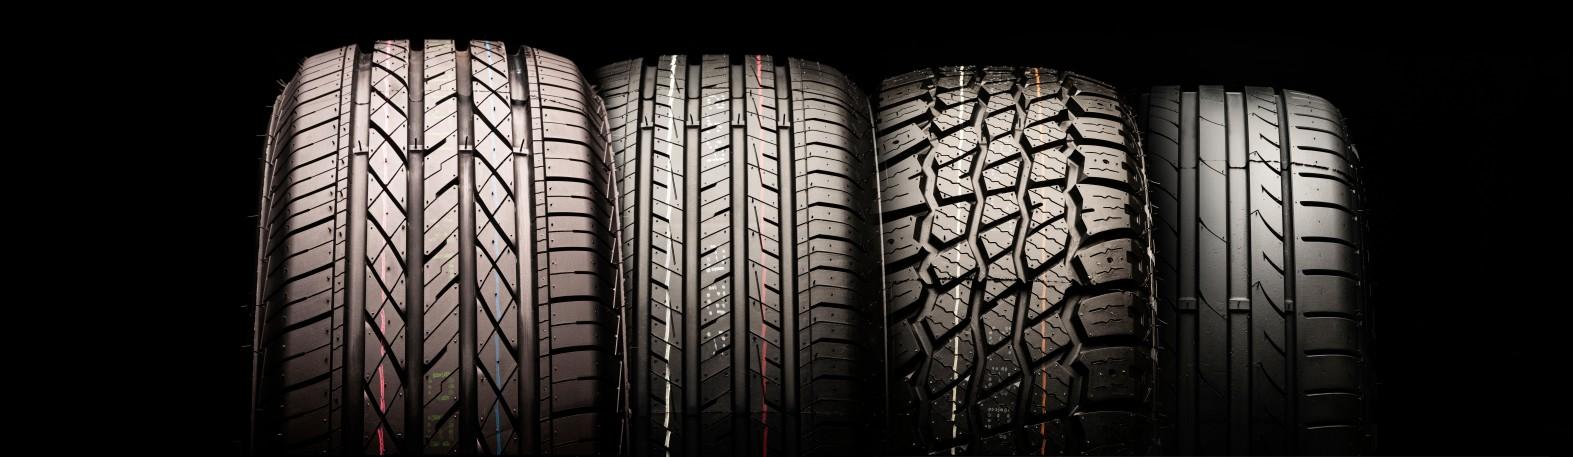 Read more about the article Ce qu'il faut savoir sur Pirelli, fournisseur de pneus des Formule 1